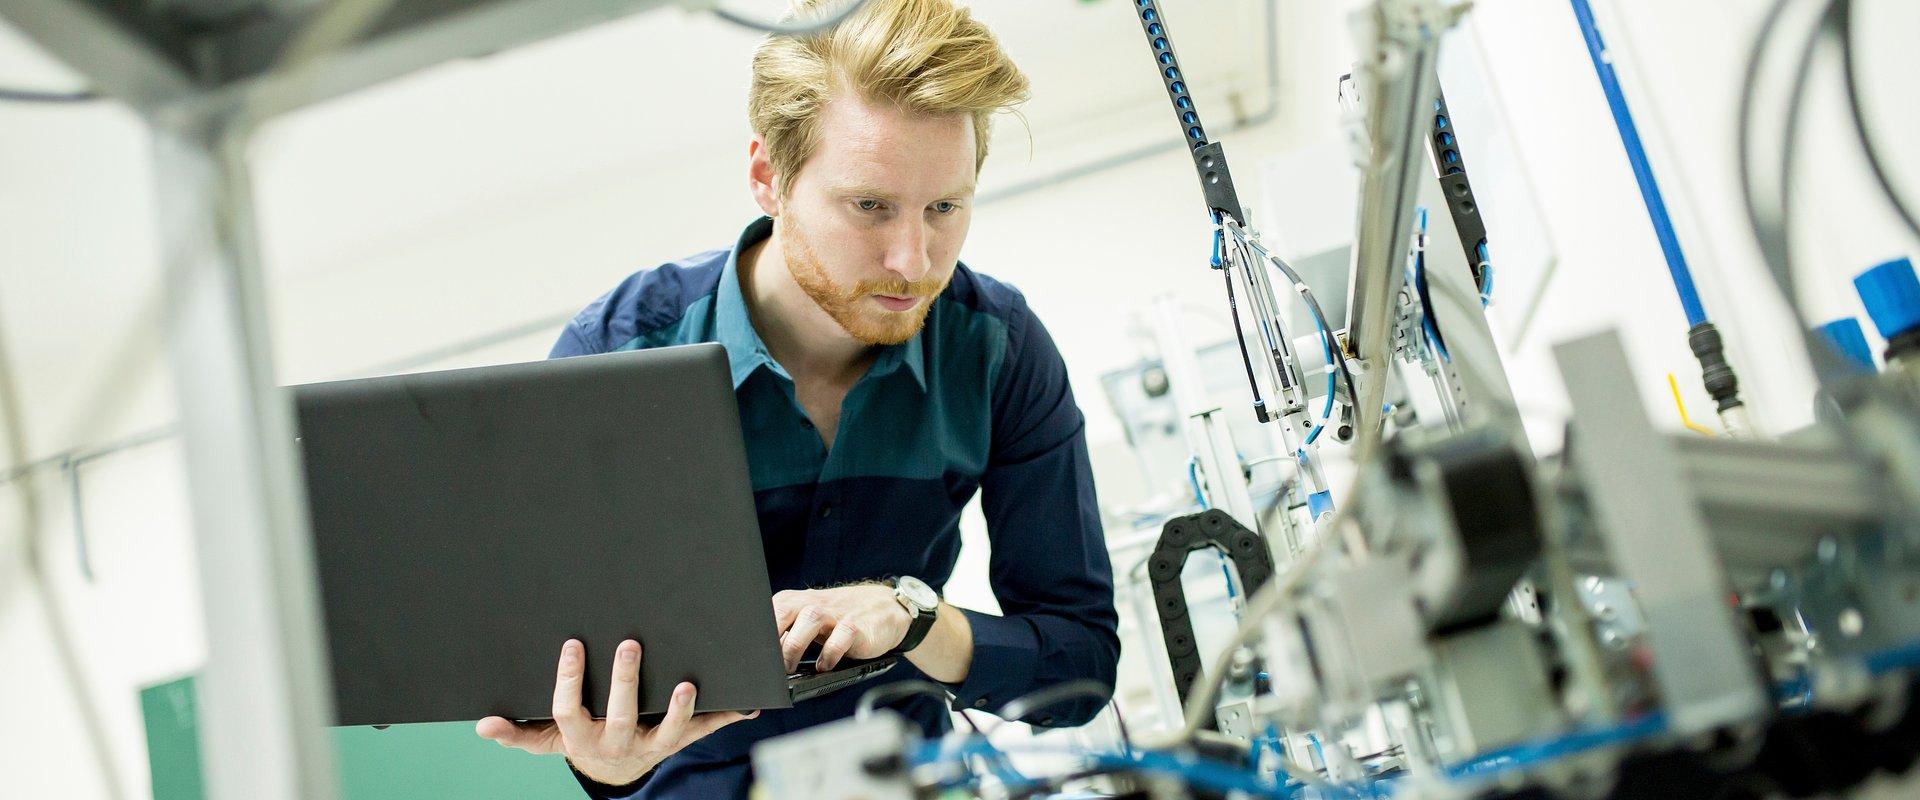 1,44 mln EUR na rozwój rozwiązań cyfrowych. Wsparcie trafi do 24 firm, w tym czterech z Małopolski